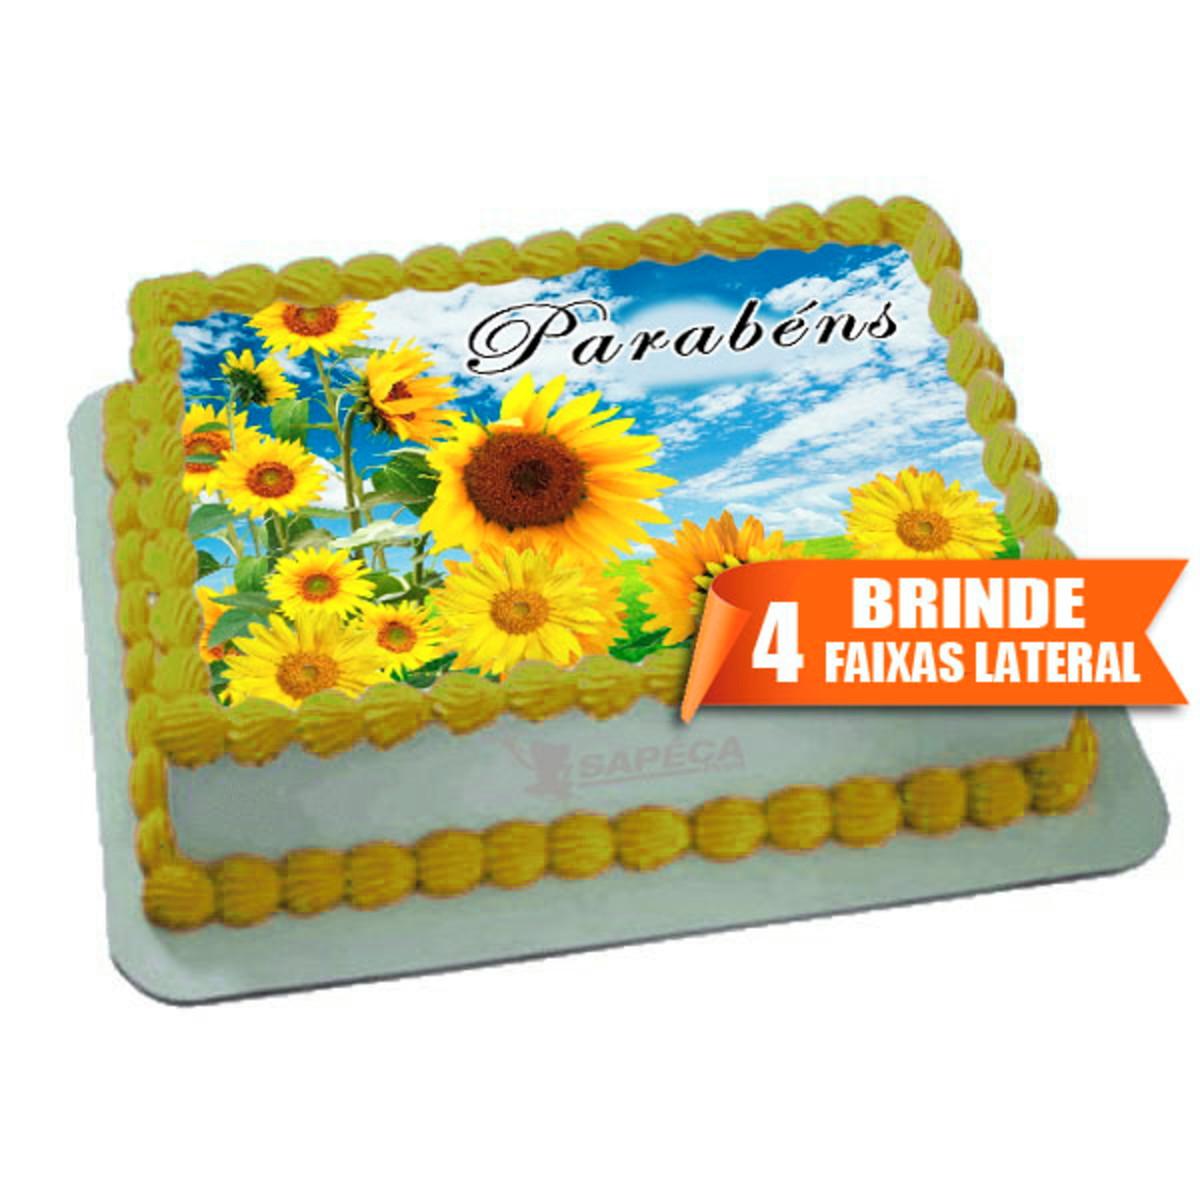 Papel Arroz Floral Girassol Flores Brinde Faixas Laterais No Elo7 Sapéca Print F33e3e